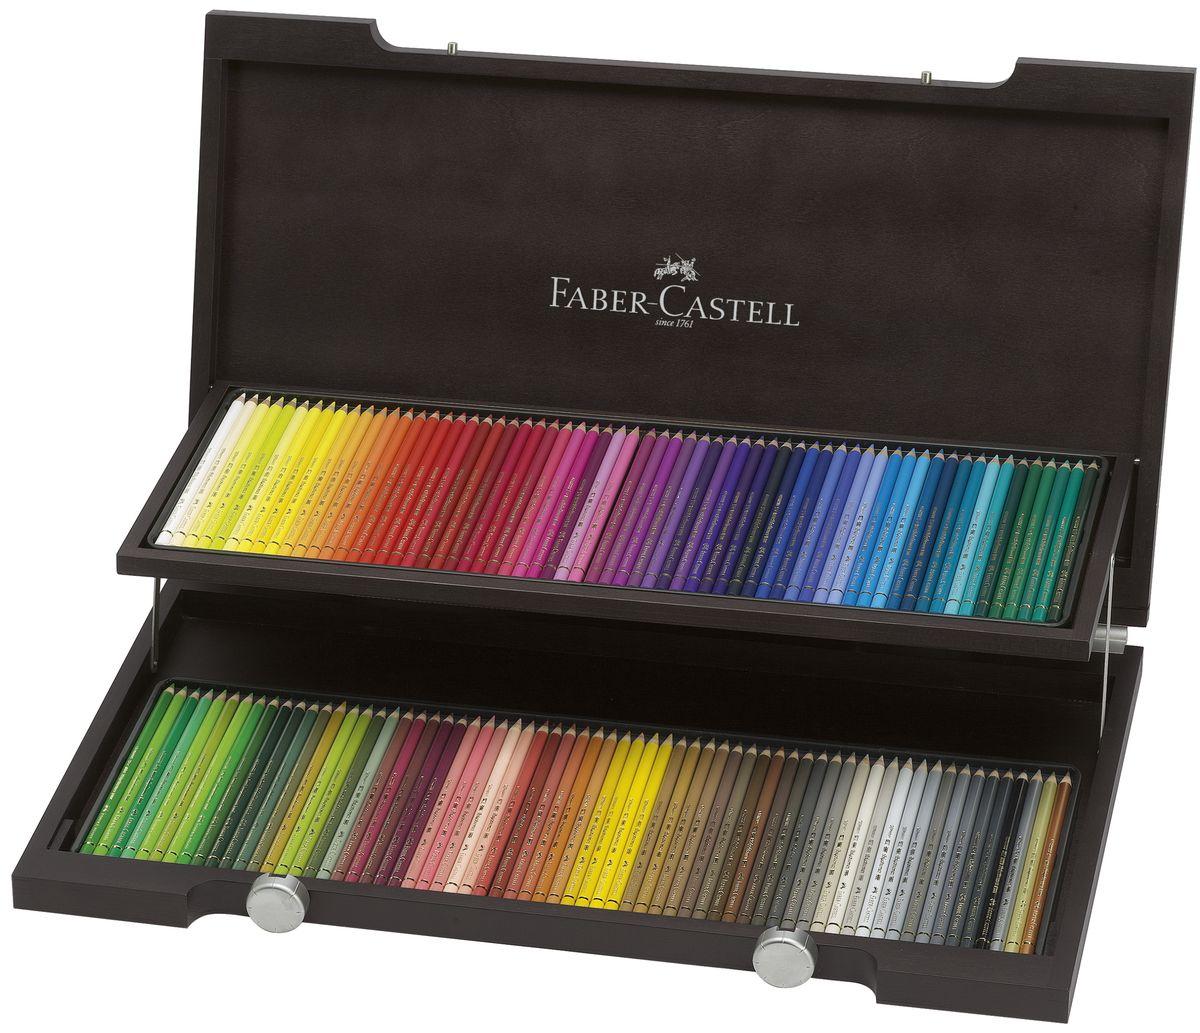 Faber-Castell Цветные карандаши Polychromos 120 цветов110013Цветные карандаши Faber-Castell Polychromos станут незаменимым инструментом для начинающих и профессиональных художников. В набор входят 120 карандашей различных цветов. Особенности карандашей:высокое содержание очень качественных пигментов гарантирует устойчивость к воздействию света и интенсивность;грифель толщиной 3,8 мм; гладкий грифель не размазывается.Набор цветных карандашей - это практичный художественный инструмент, который поможет вам в создании самых выразительных произведений. Карандаши упакованы в деревянный пенал, благодаря чему их удобно хранить.